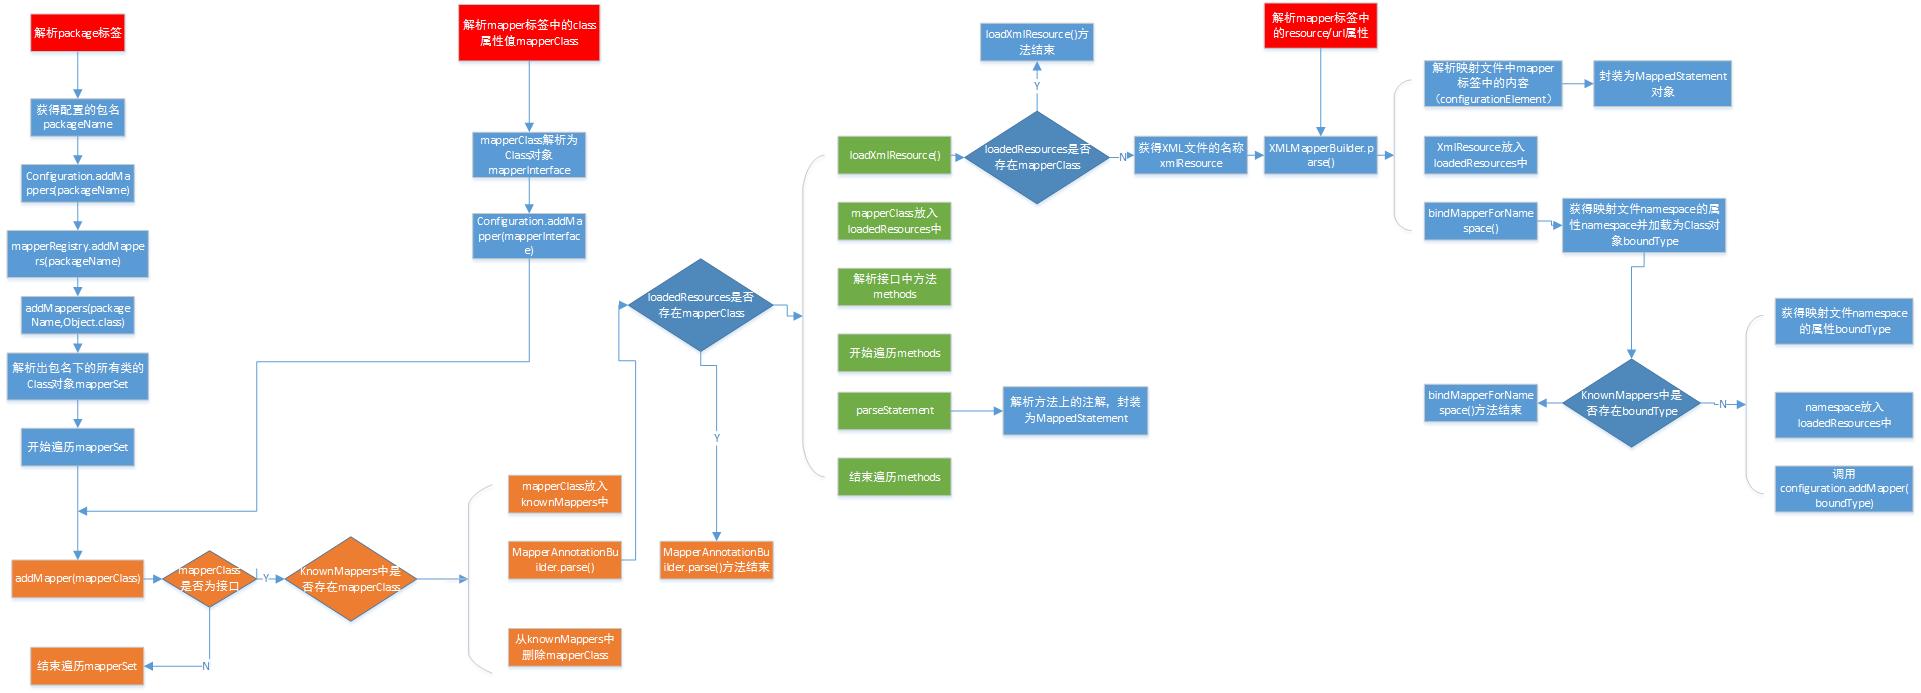 mybatis原始碼配置檔案解析之五:解析mappers標籤流程圖